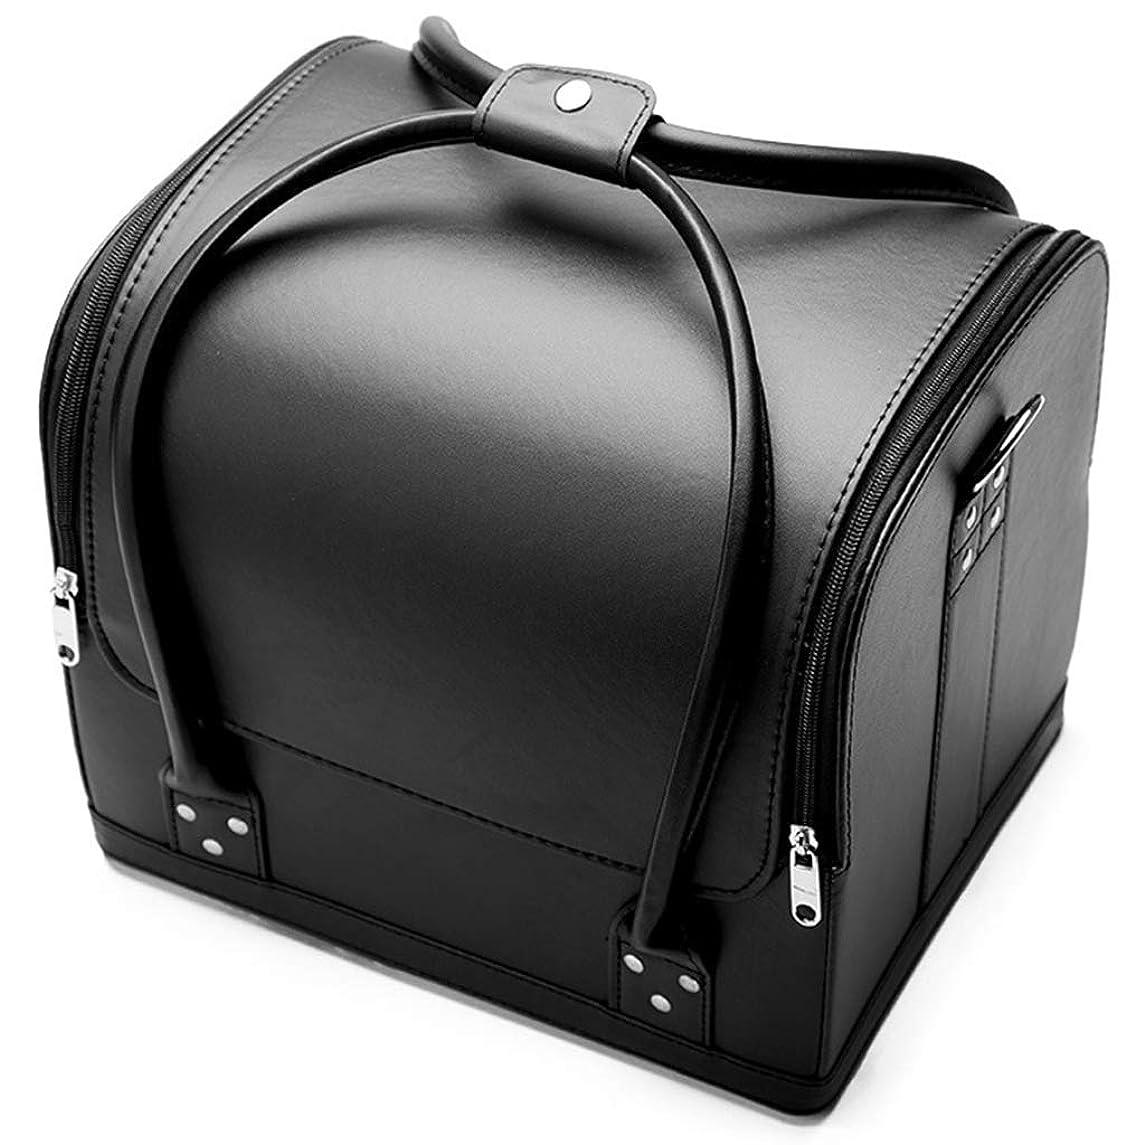 広い積極的にスキル[テンカ] メイクボックス コスメボックス 黒 ネイリストバッグ 化粧箱 収納ケース 収納ボックス 防水 洗える 化粧品?化粧道具入れ 自宅?出張?旅行?アウトドア撮影 プロ用 大容量 多機能